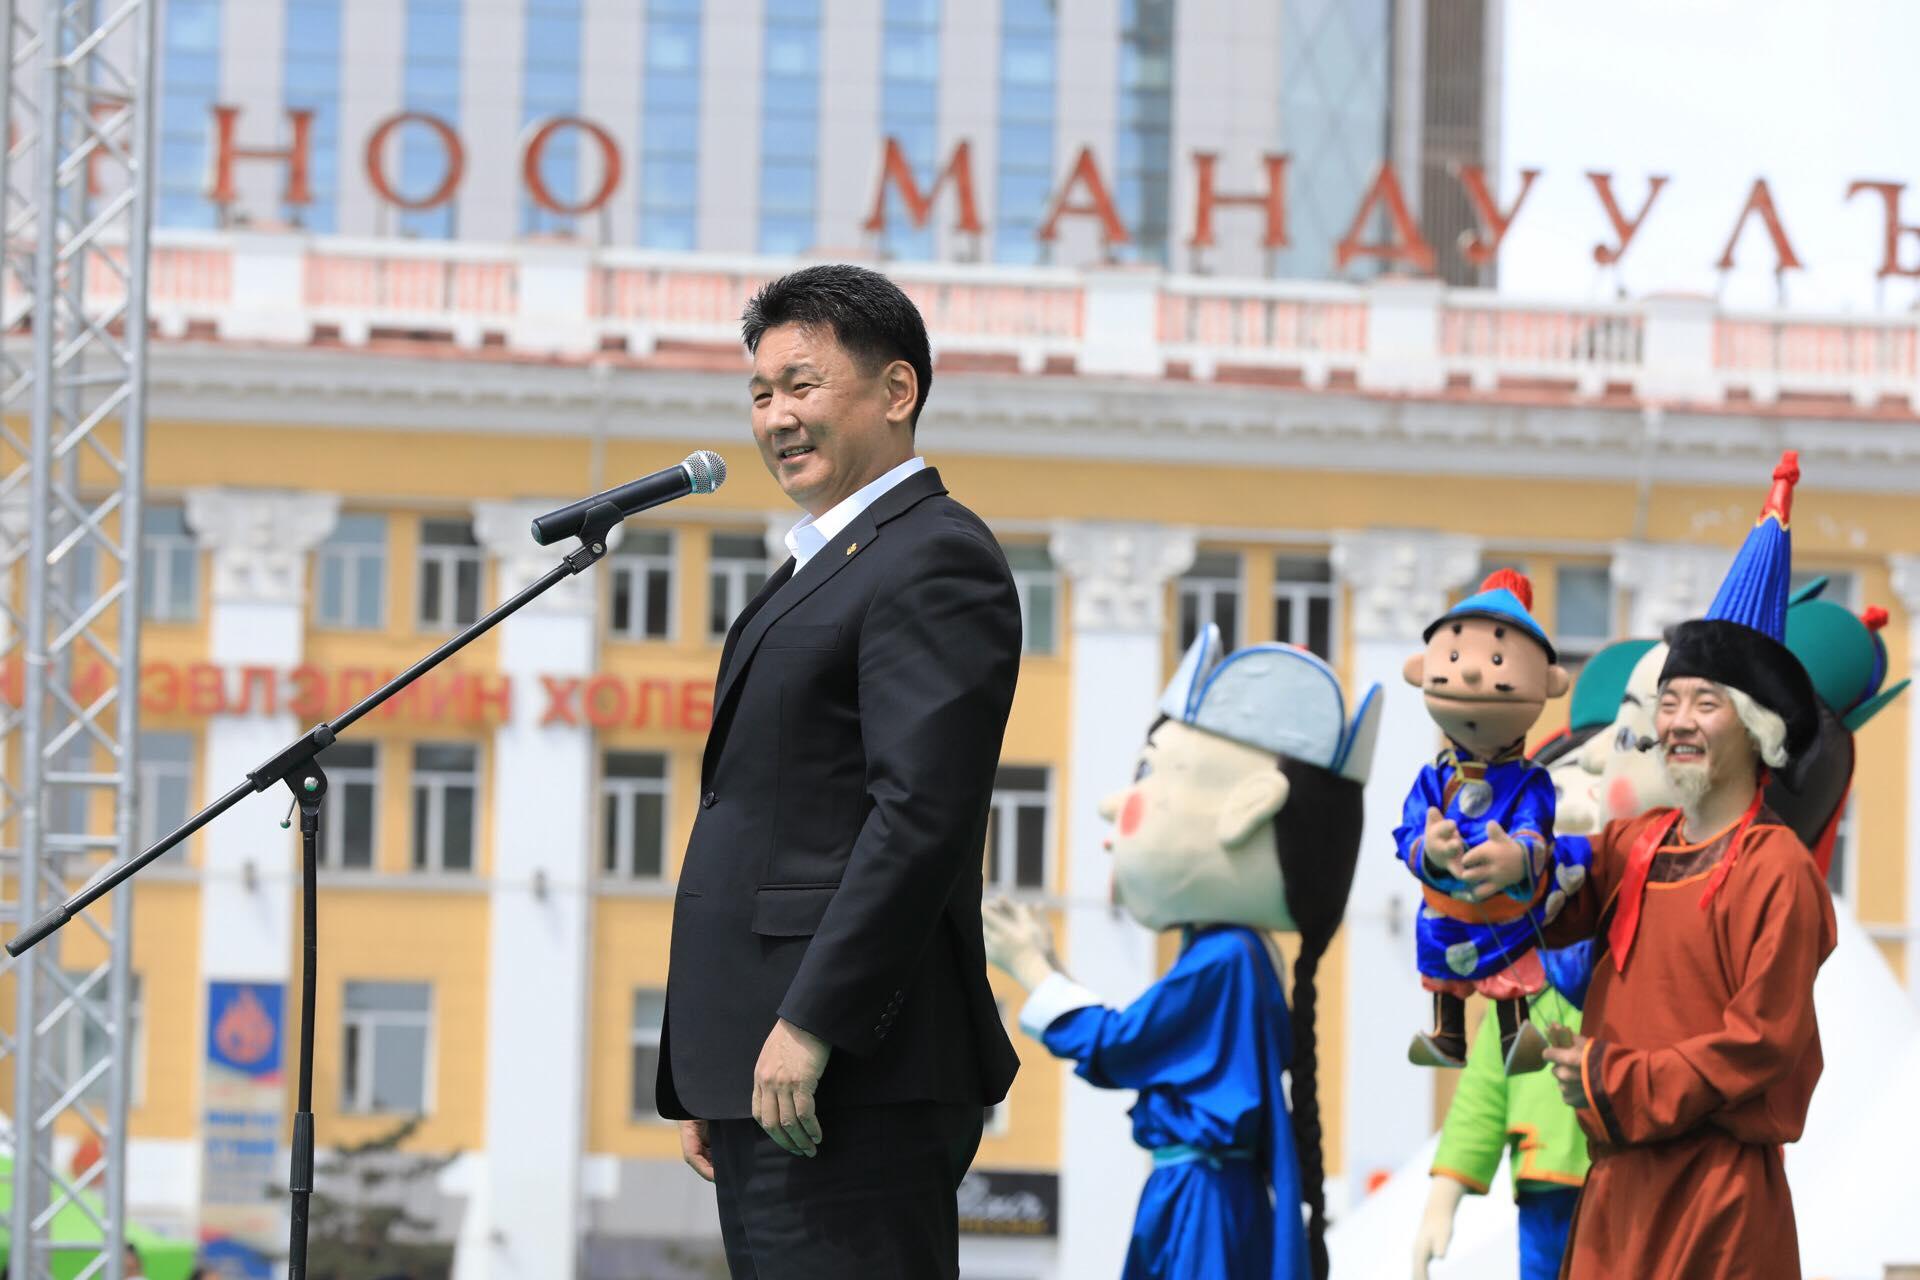 У.Хүрэлсүх: Монгол Улсын Тусгаар тогтнол, аюулгүй байдлын үндэс нь бидний үр хүүхэд билээ